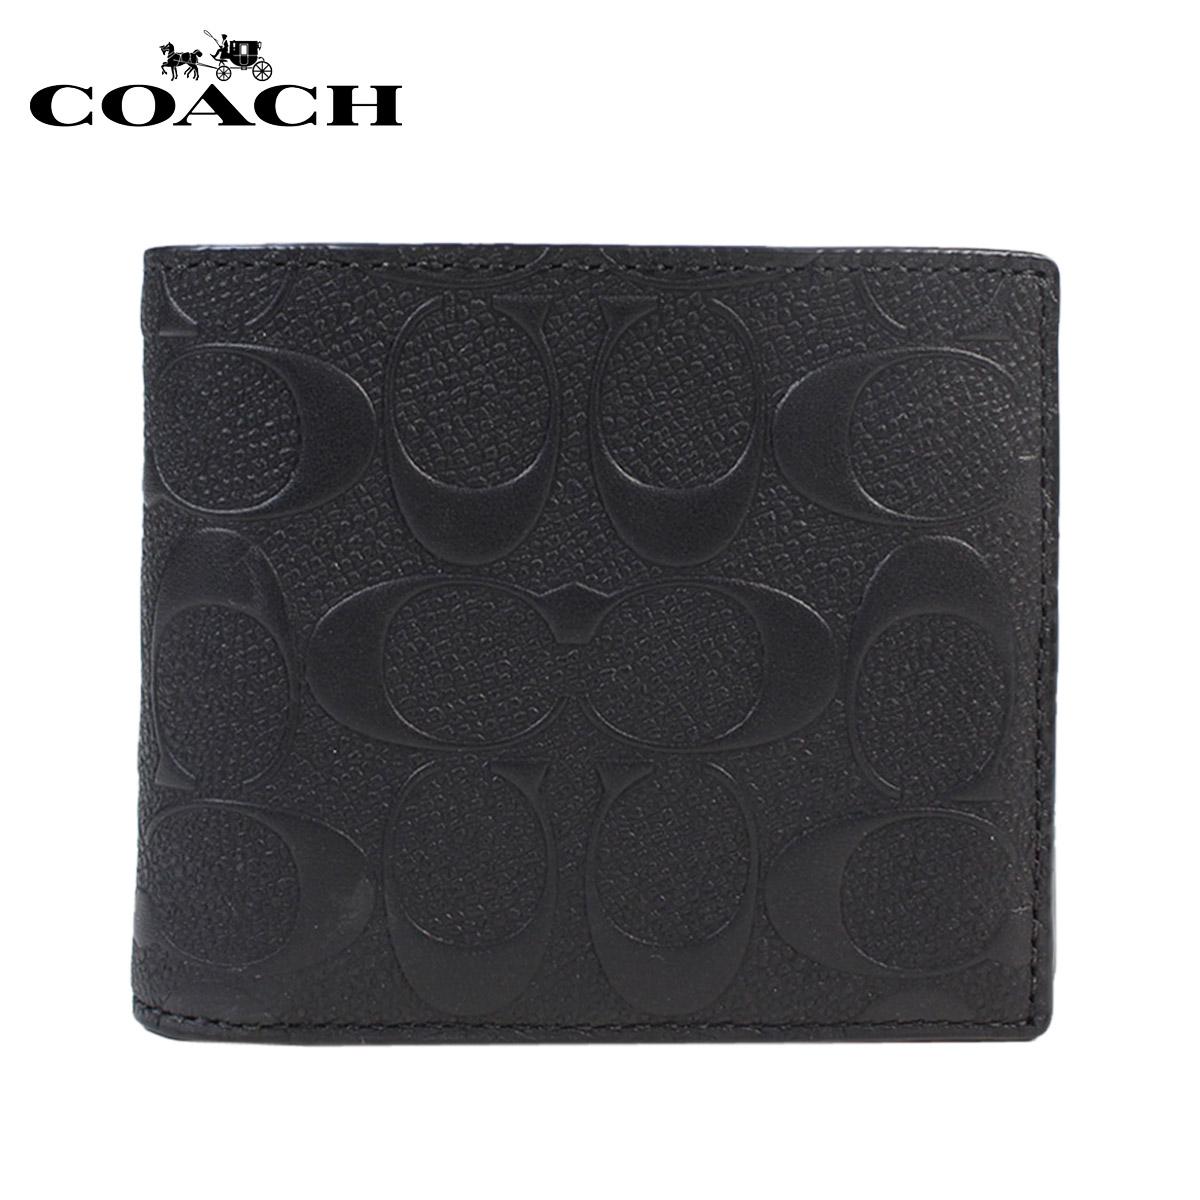 コーチ COACH 財布 メンズ 二つ折り IDケース F75371 ブラック